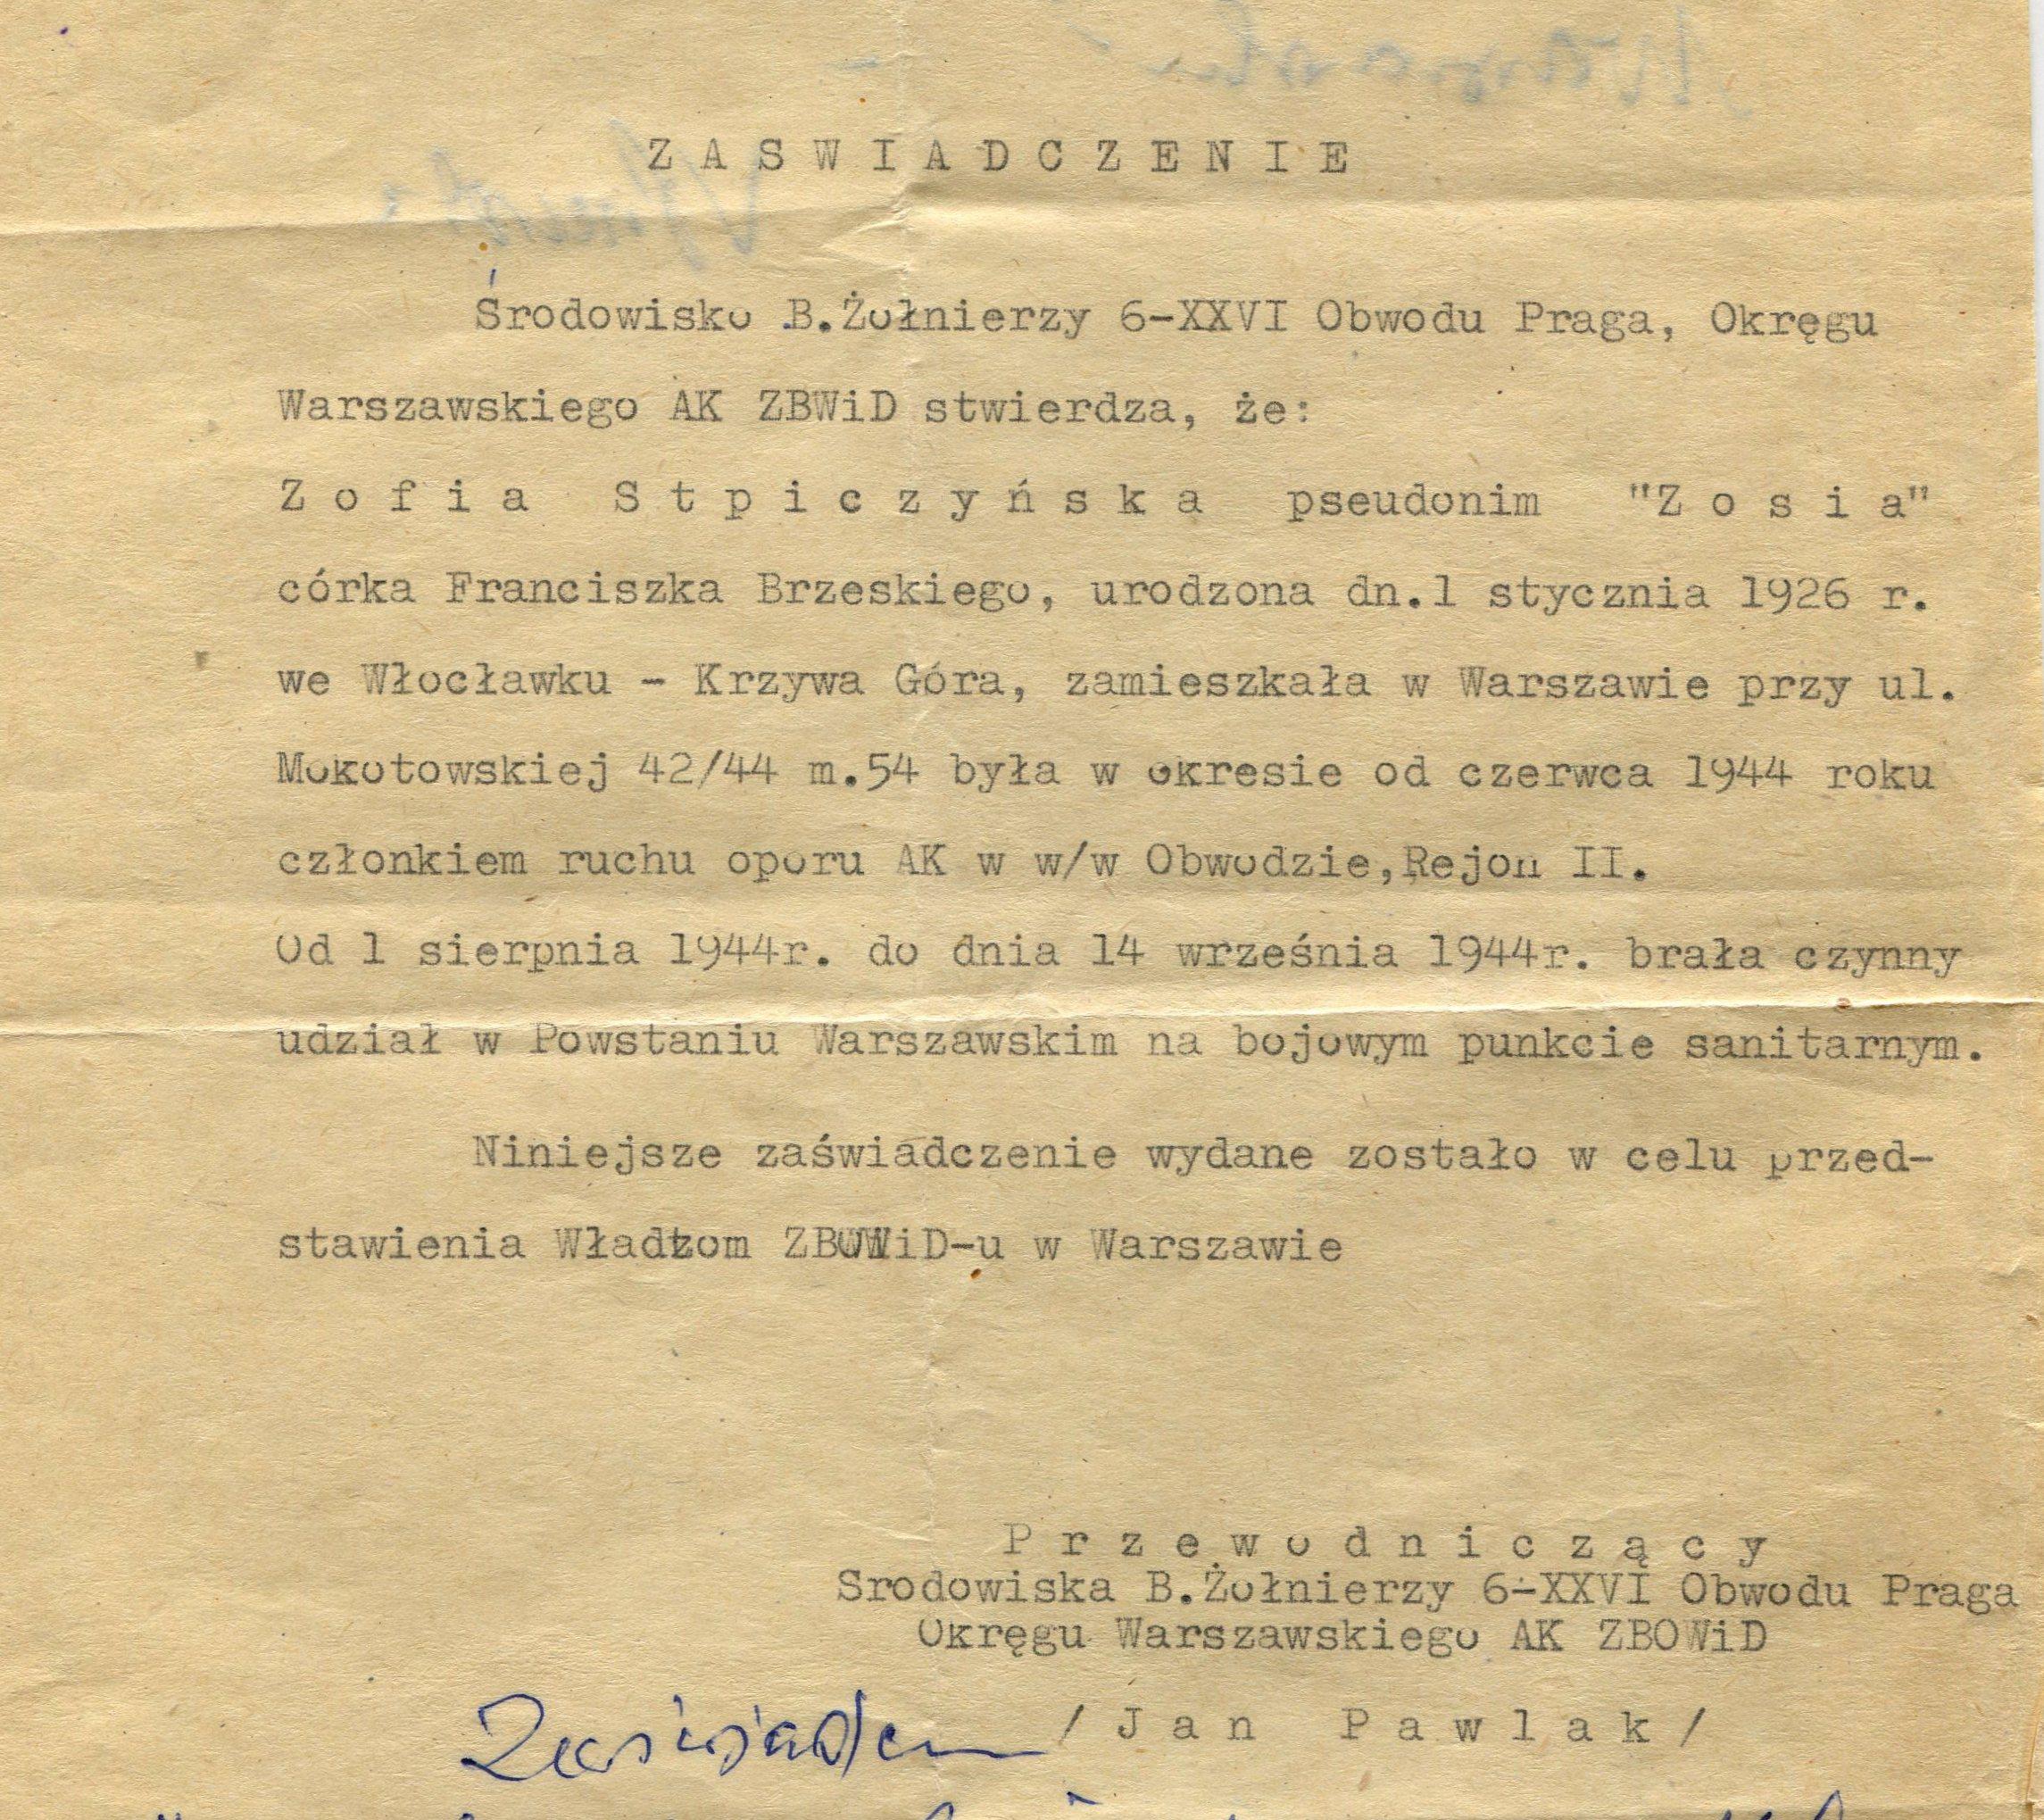 Źródło: MPW-teczka, dokument dostarczony w związku z uzupełnieniem materiałów dotyczących pani Aliny Marii Laskowskiej z domu Dołęgowskiej.